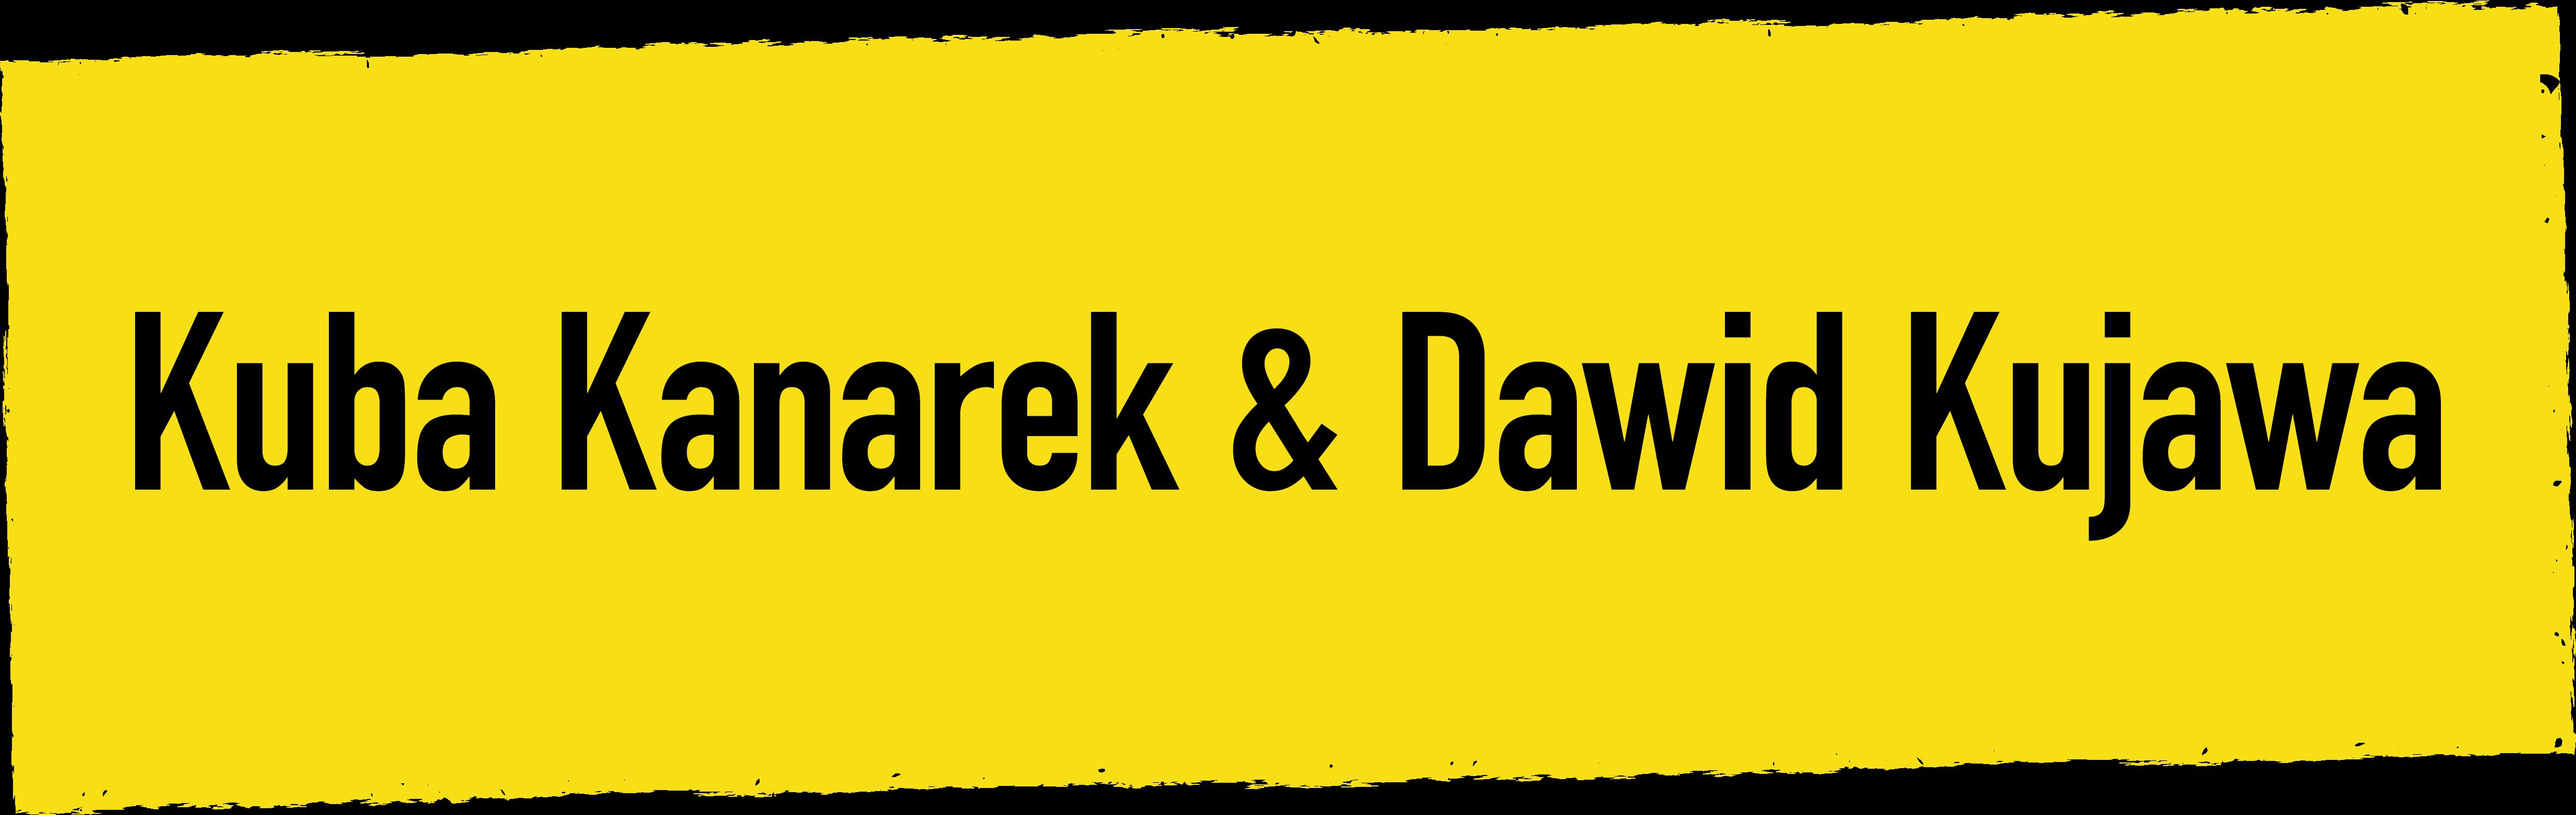 Dawid Kujawa & Kuba Kanarek